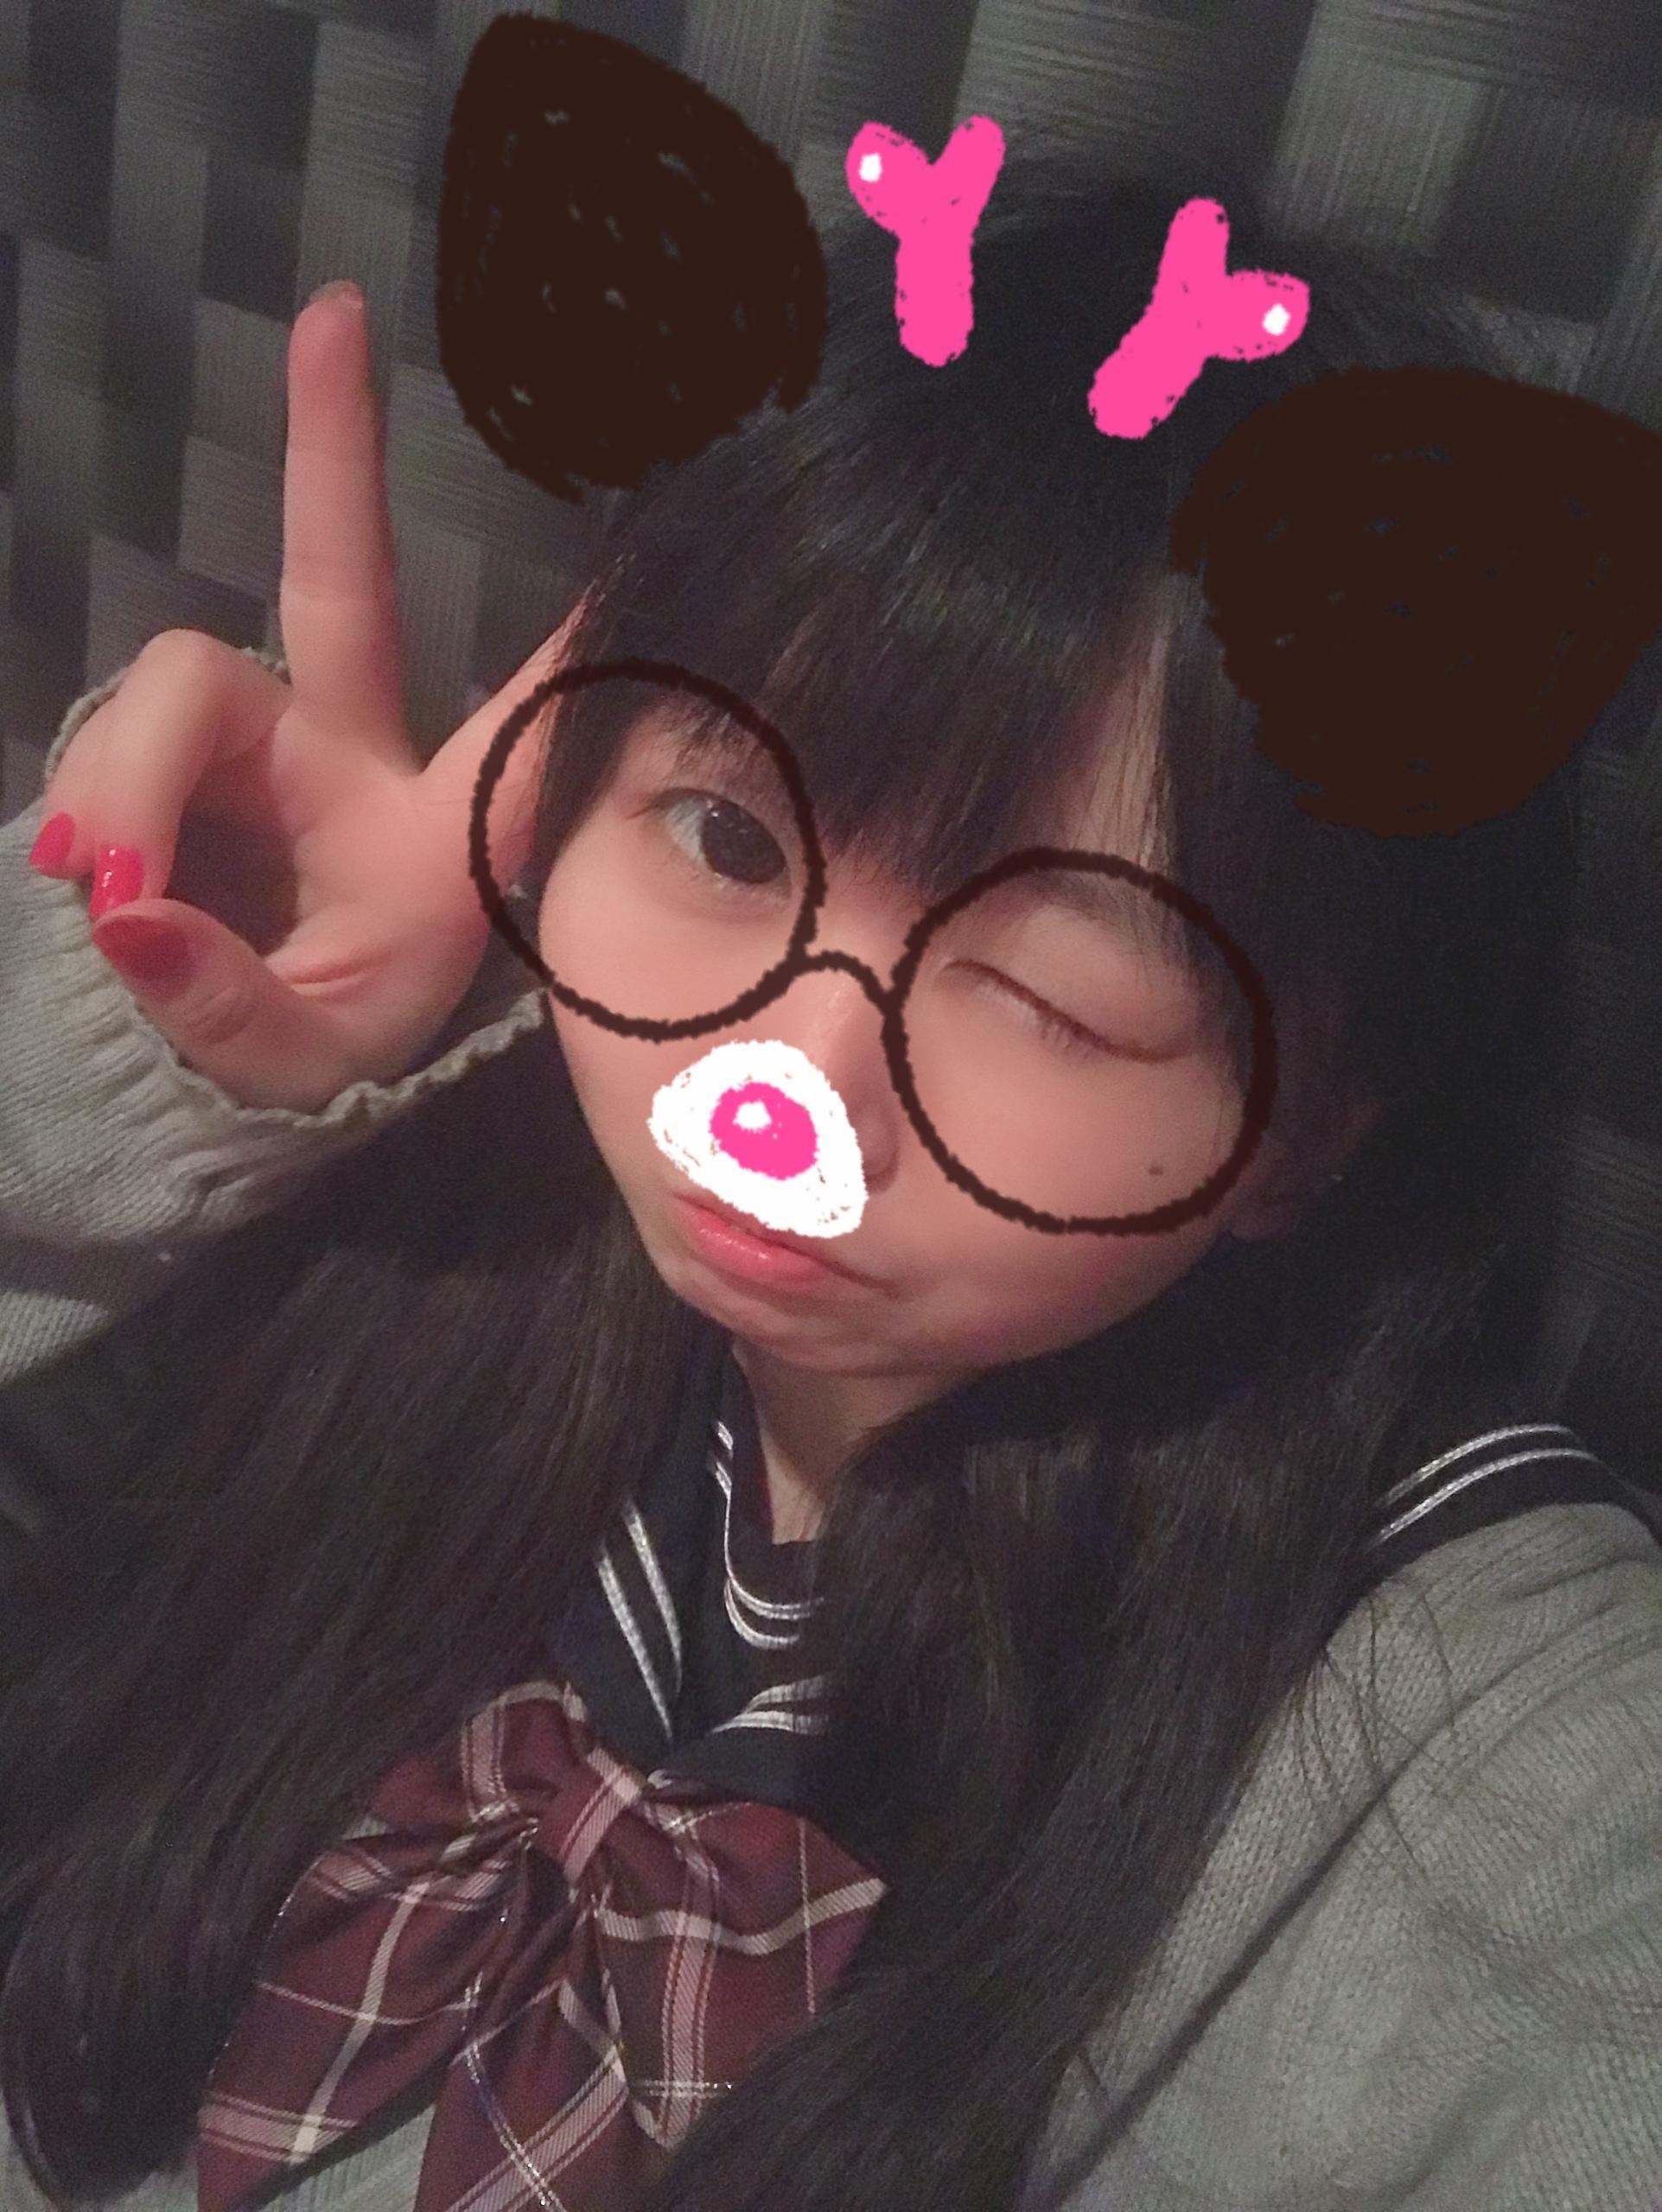 「(*´?`*)」12/10(月) 22:23 | くるみの写メ・風俗動画